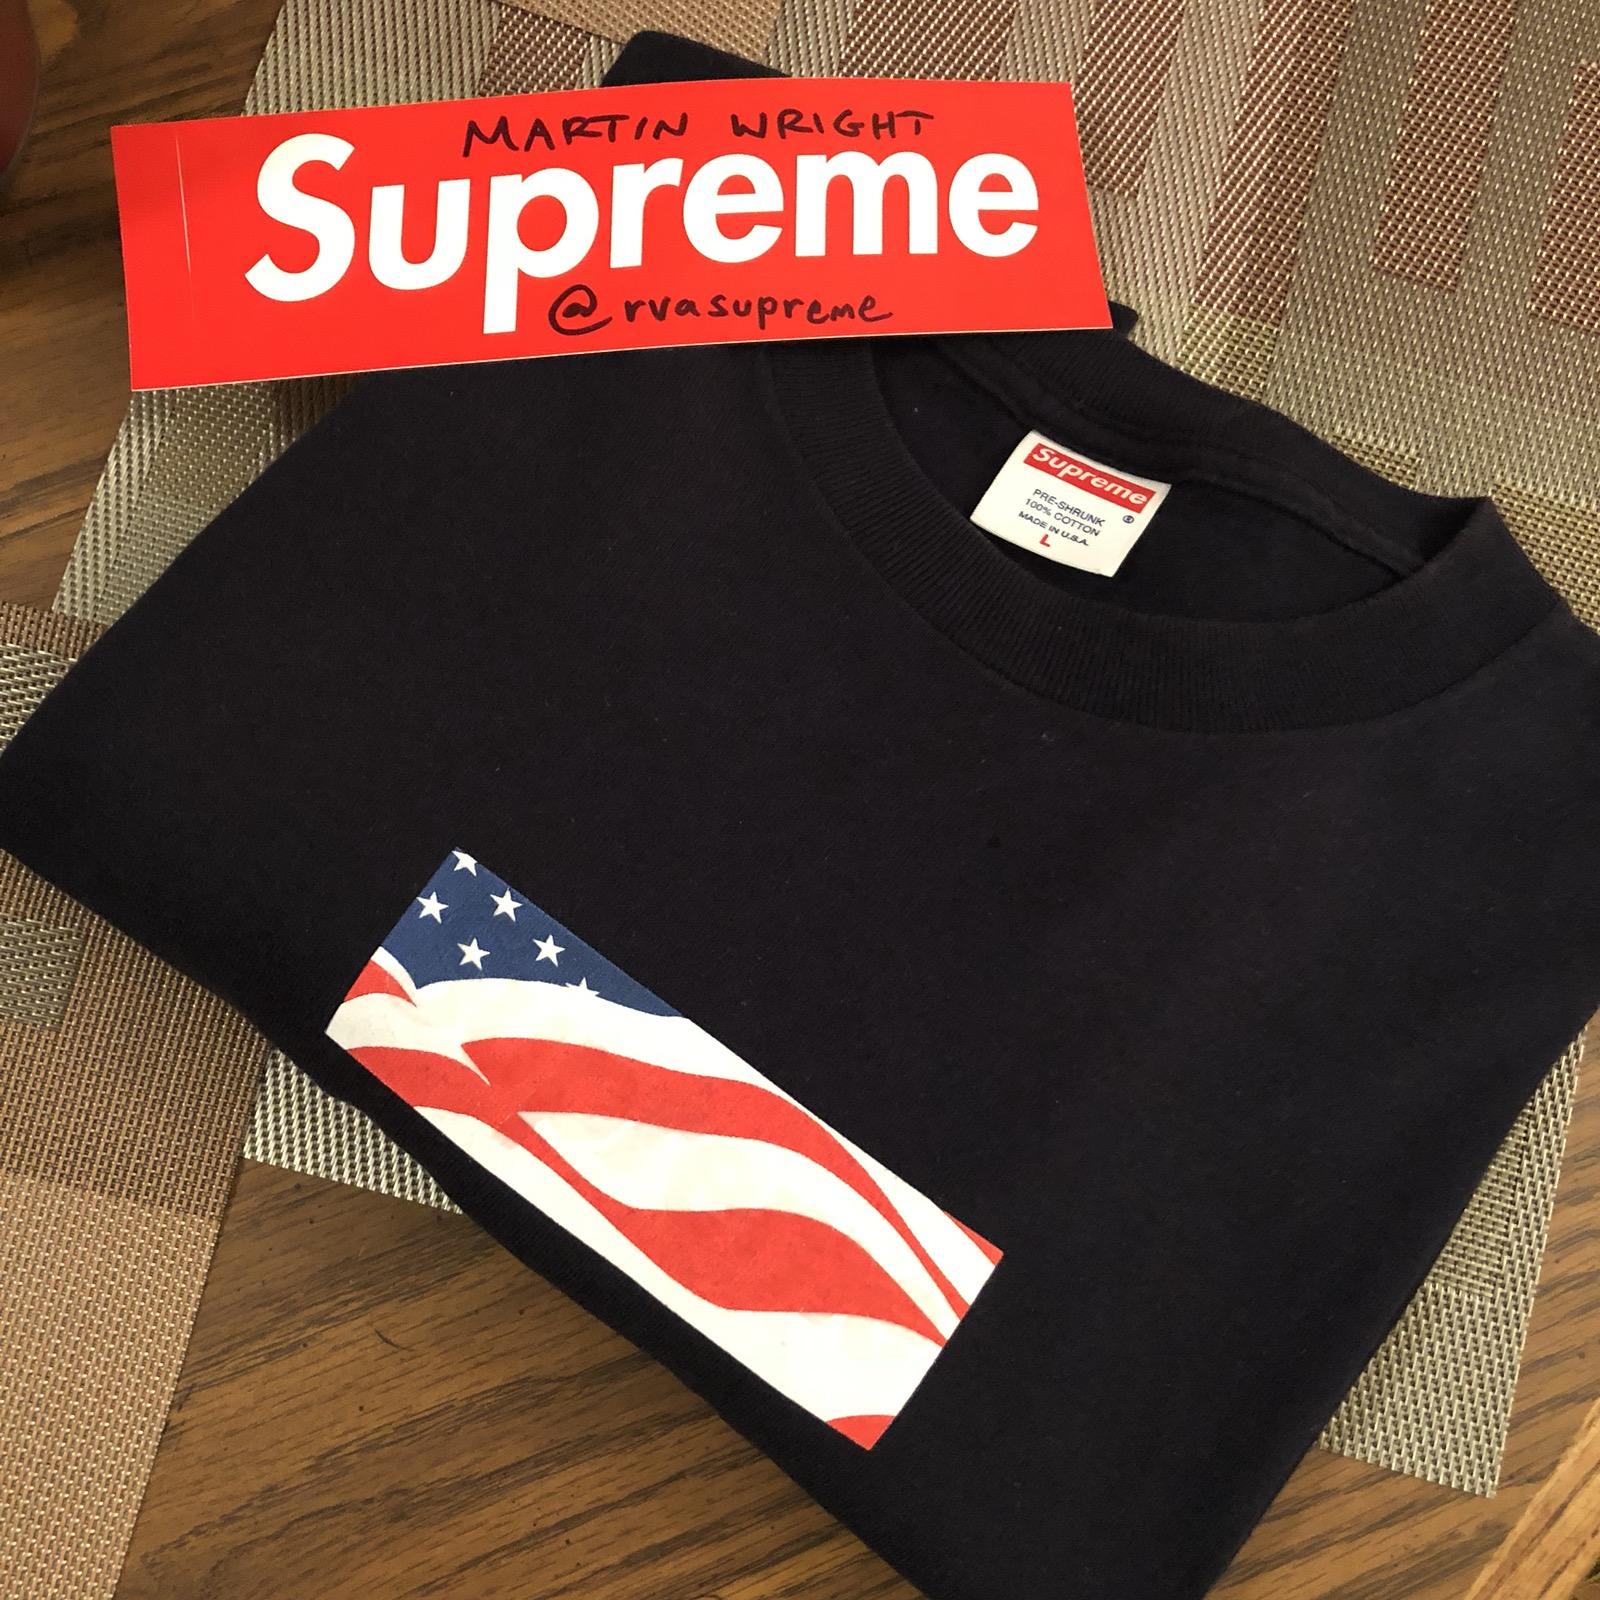 Supreme 9 11 Memorial Box Logo Tee